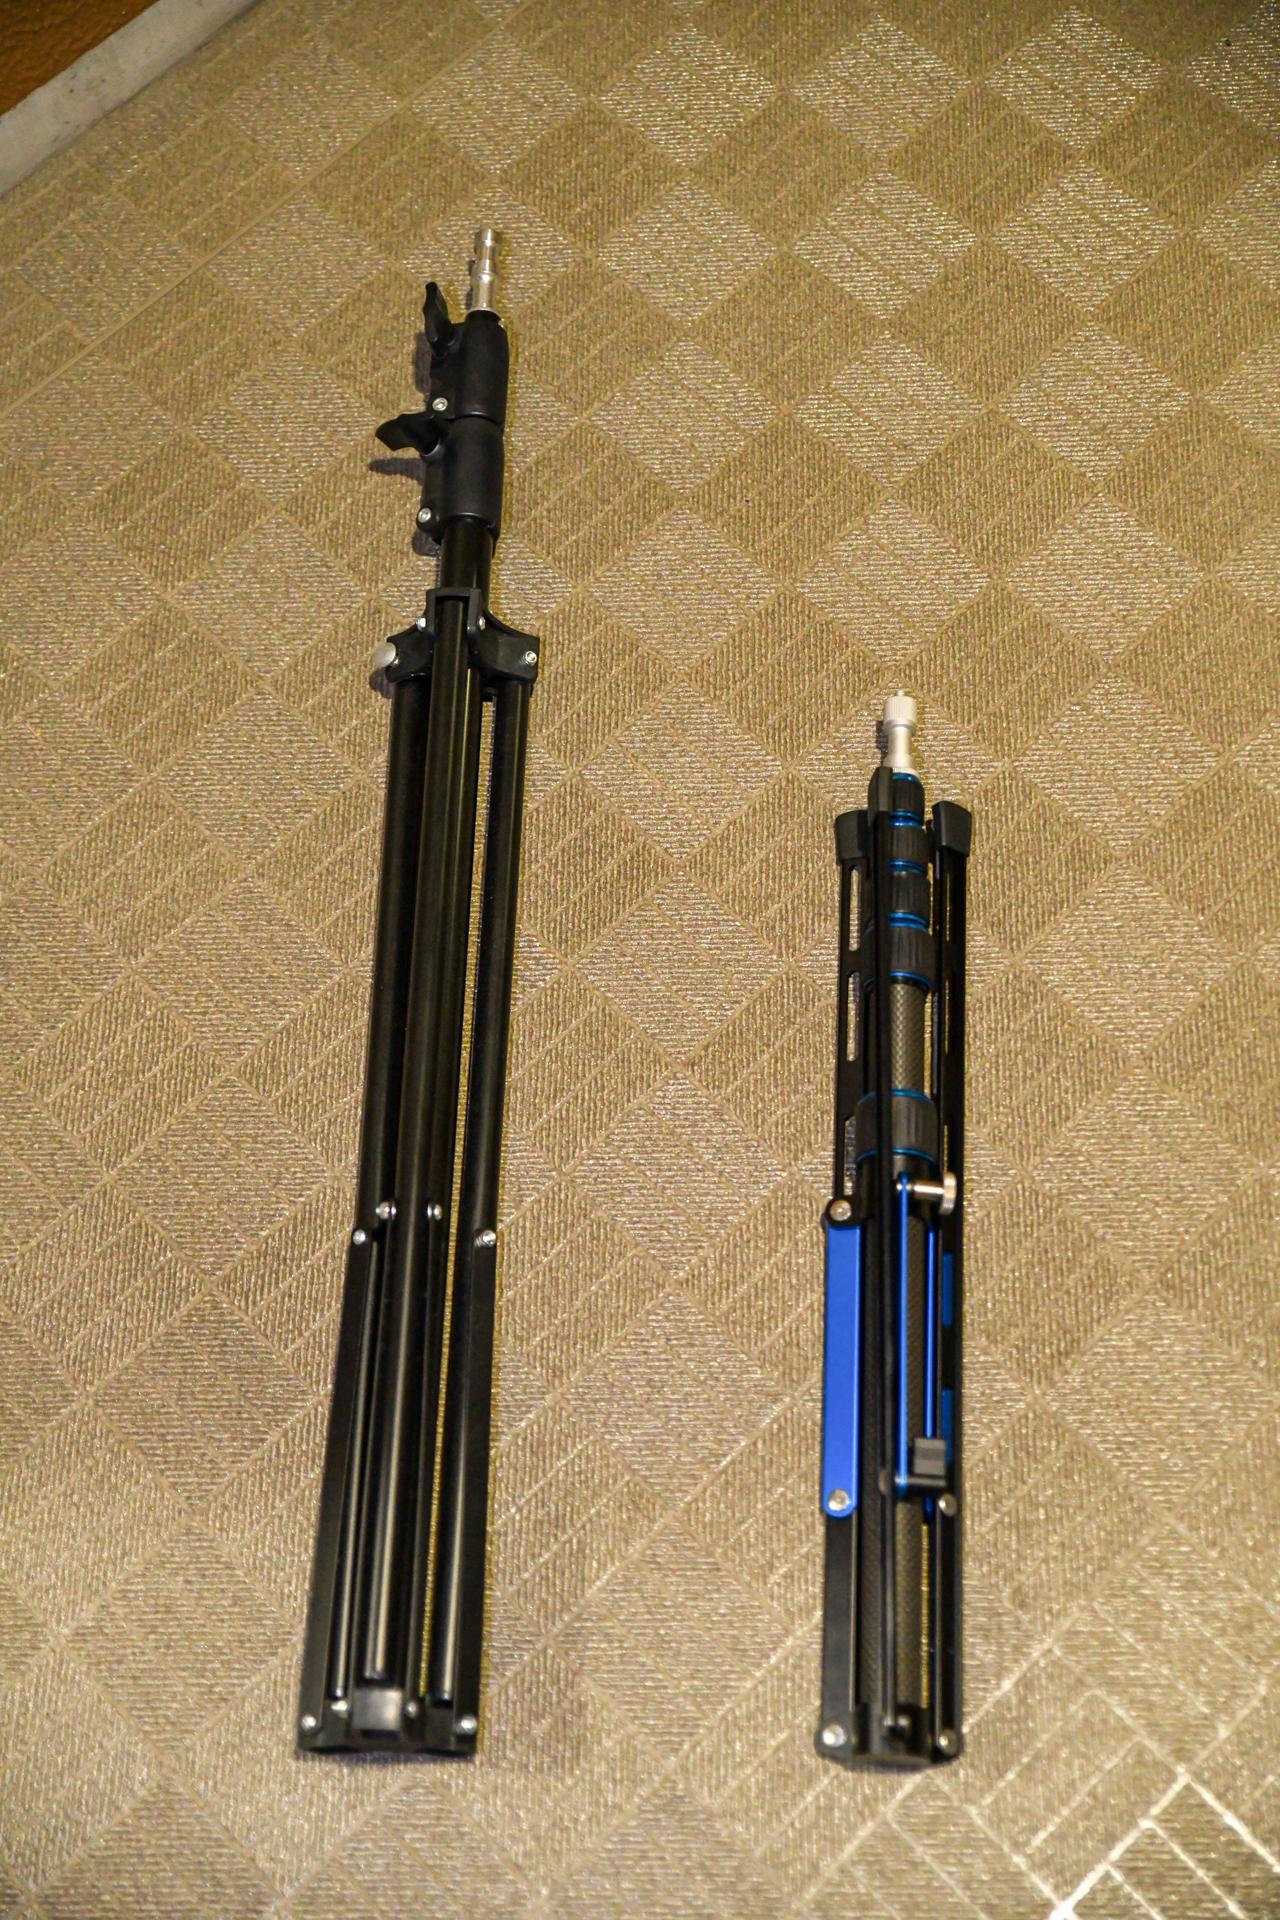 ニッシン スーパーライトスタンドLS-50C